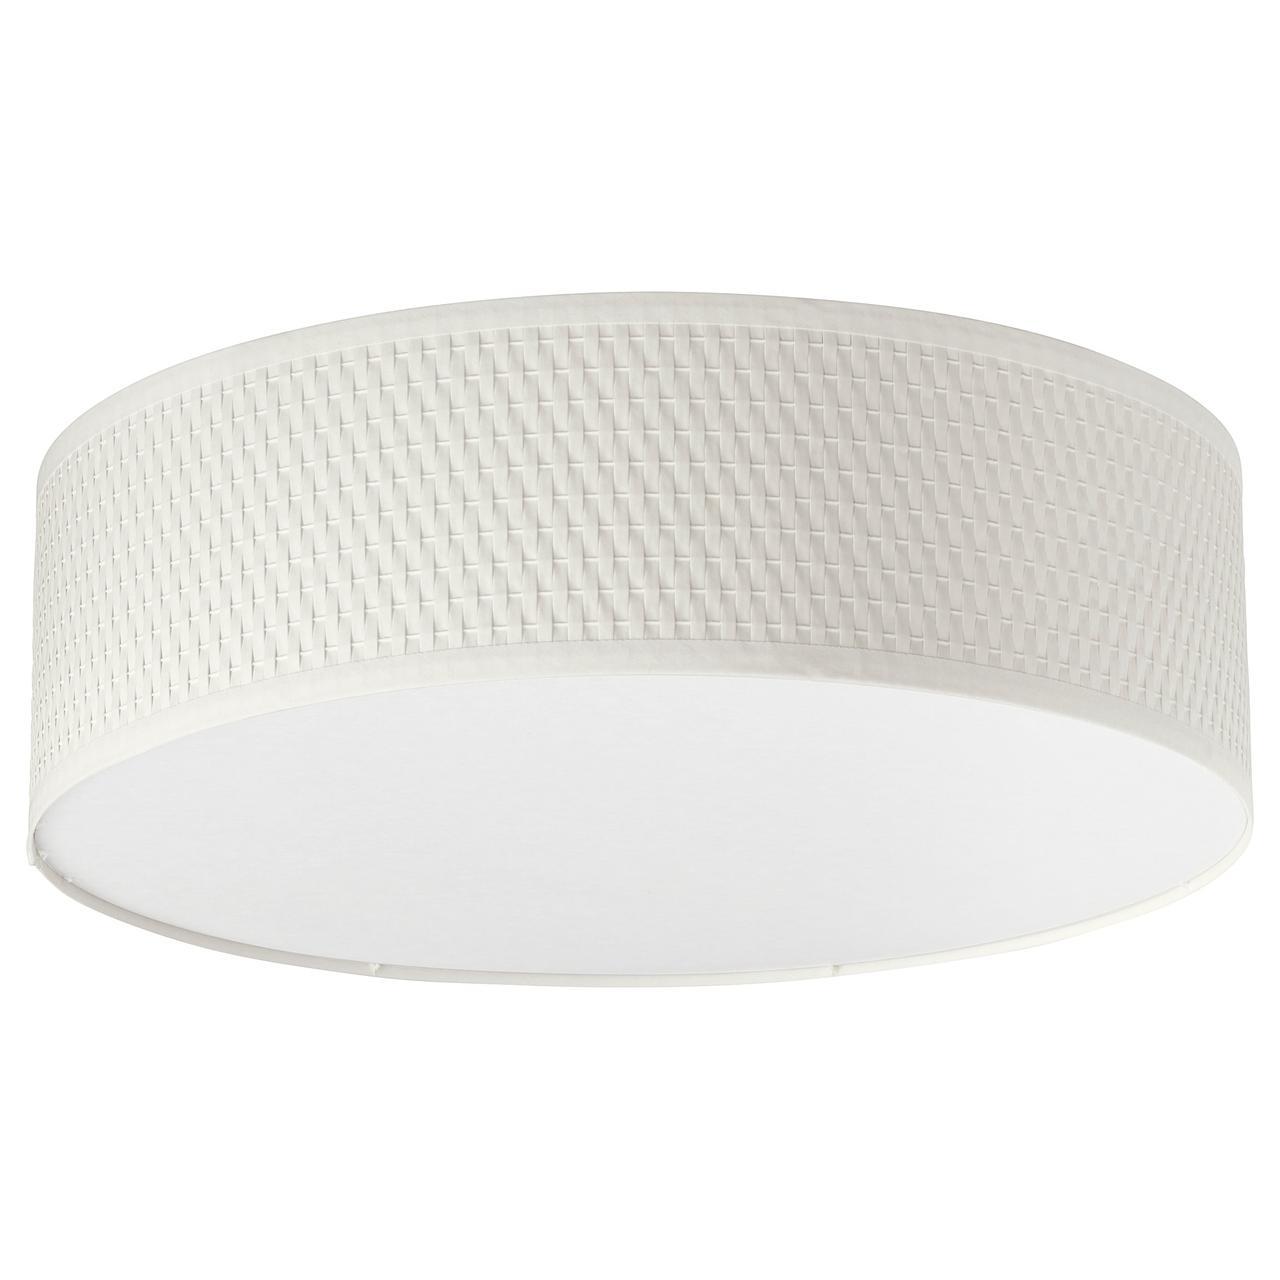 АЛЭНГ Потолочный светильник, белый